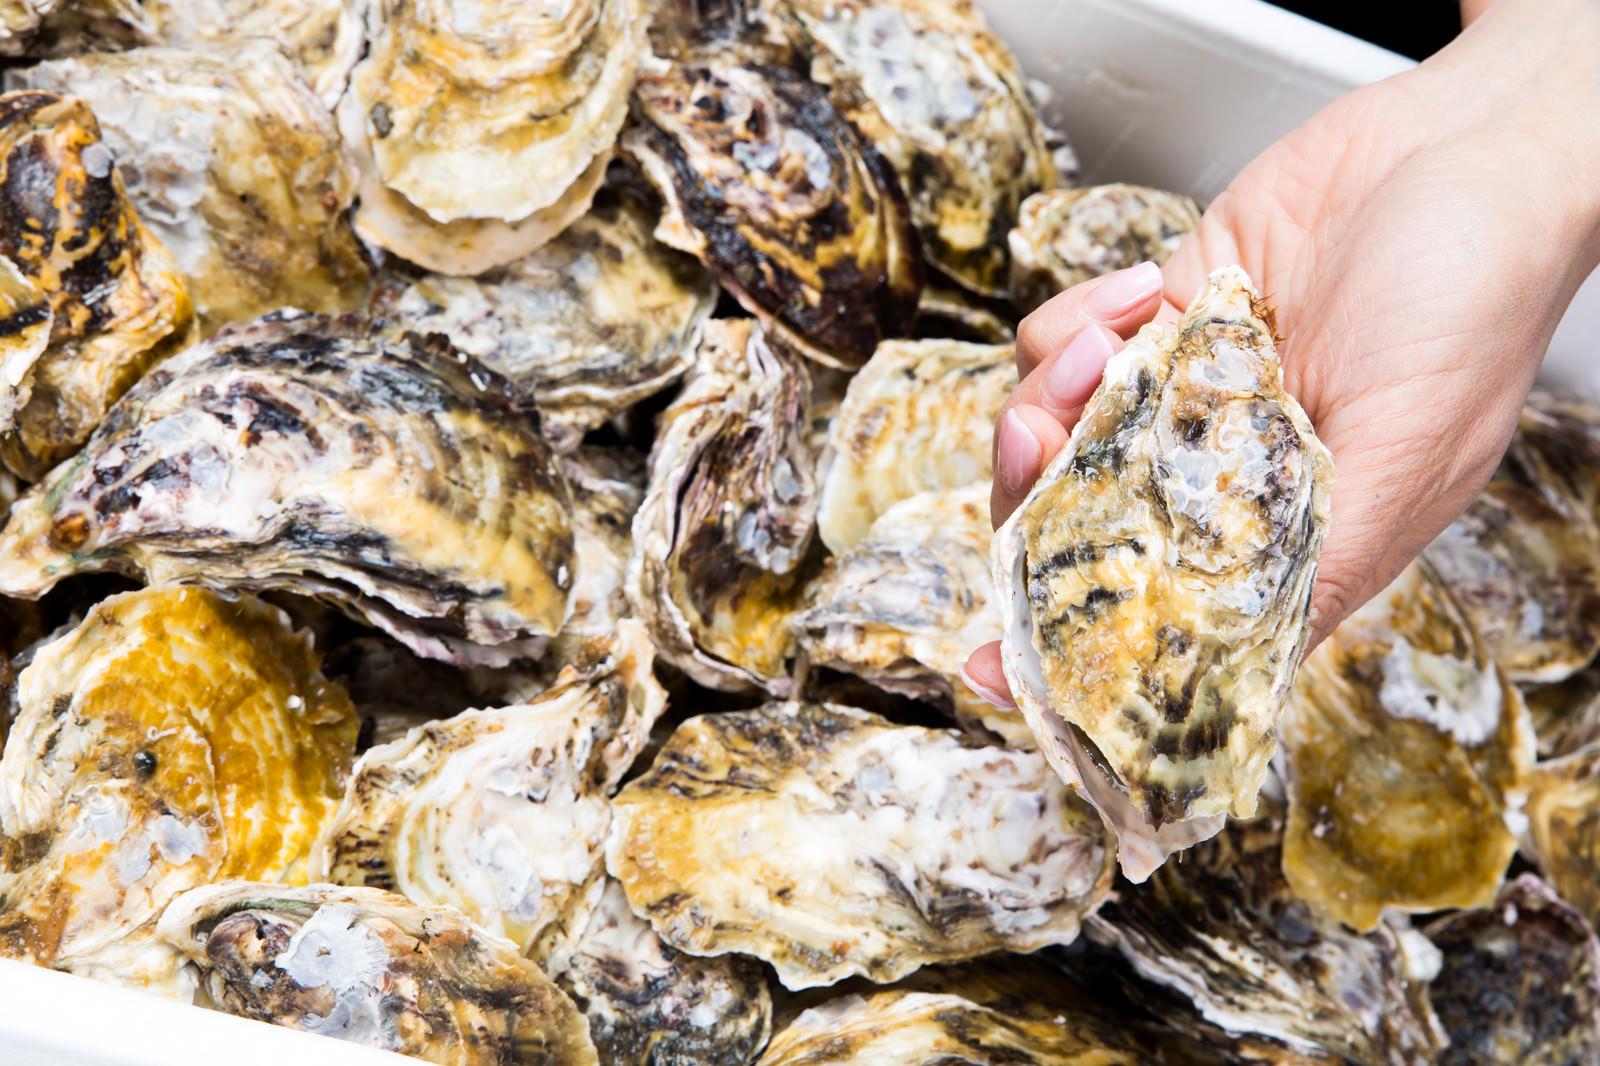 「箱いっぱいの殻付き牡蠣」の写真